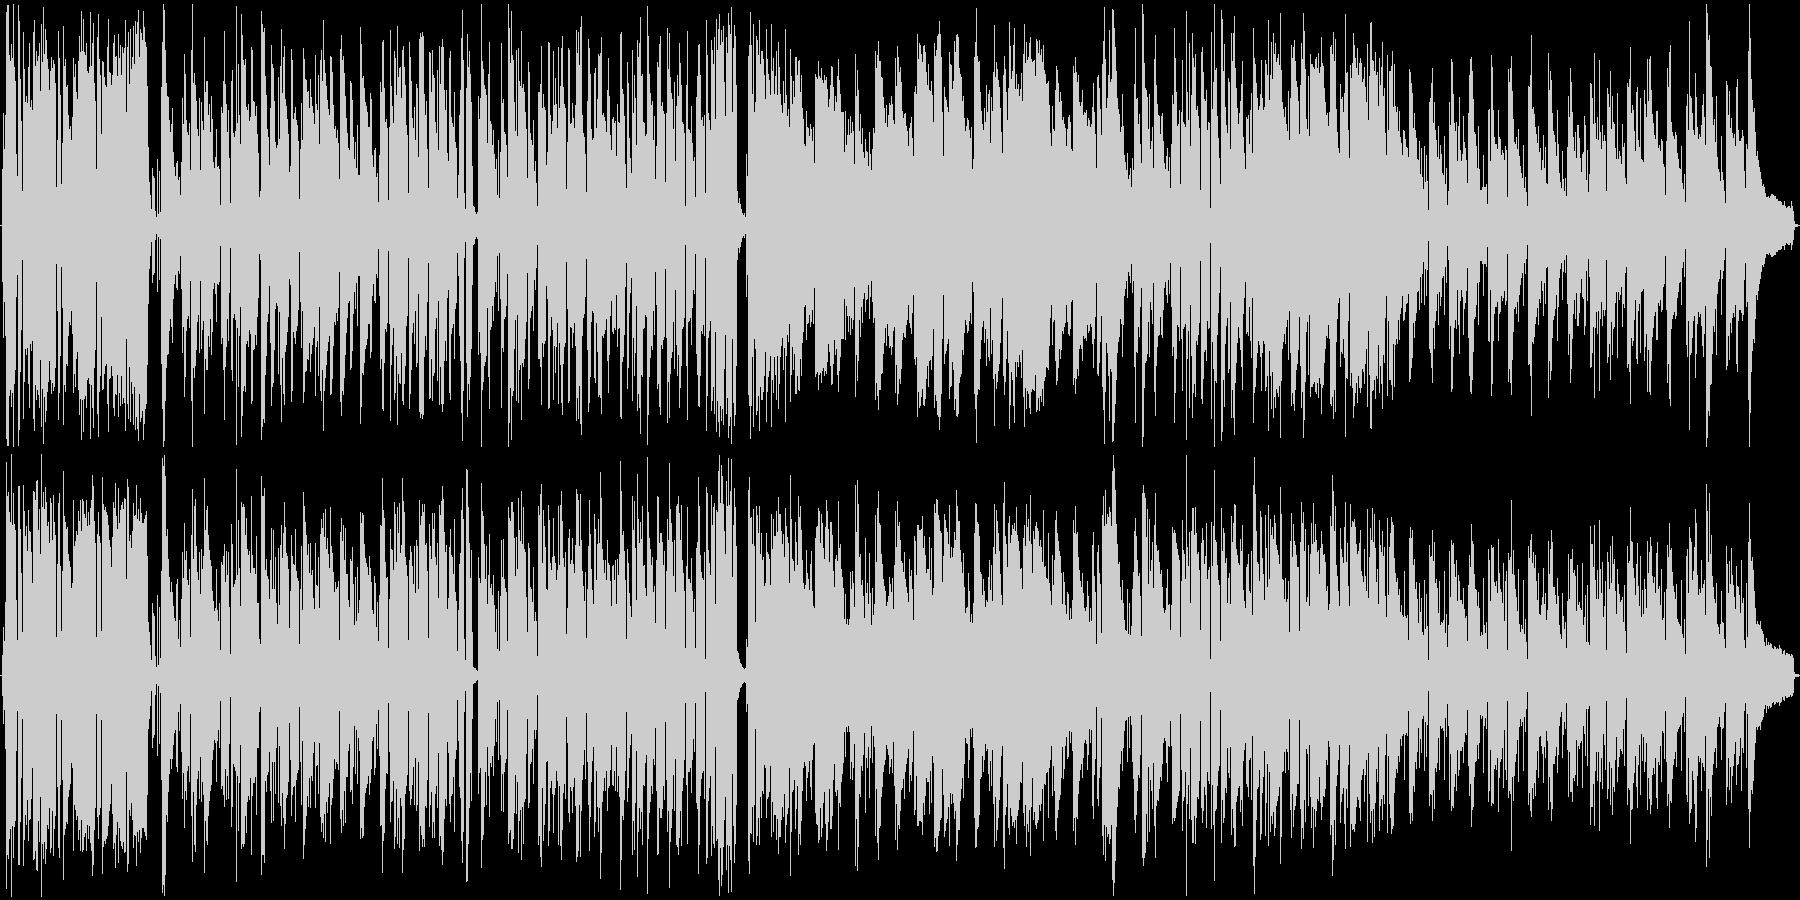 フラメンコ風 おしゃれななラテンBGMの未再生の波形